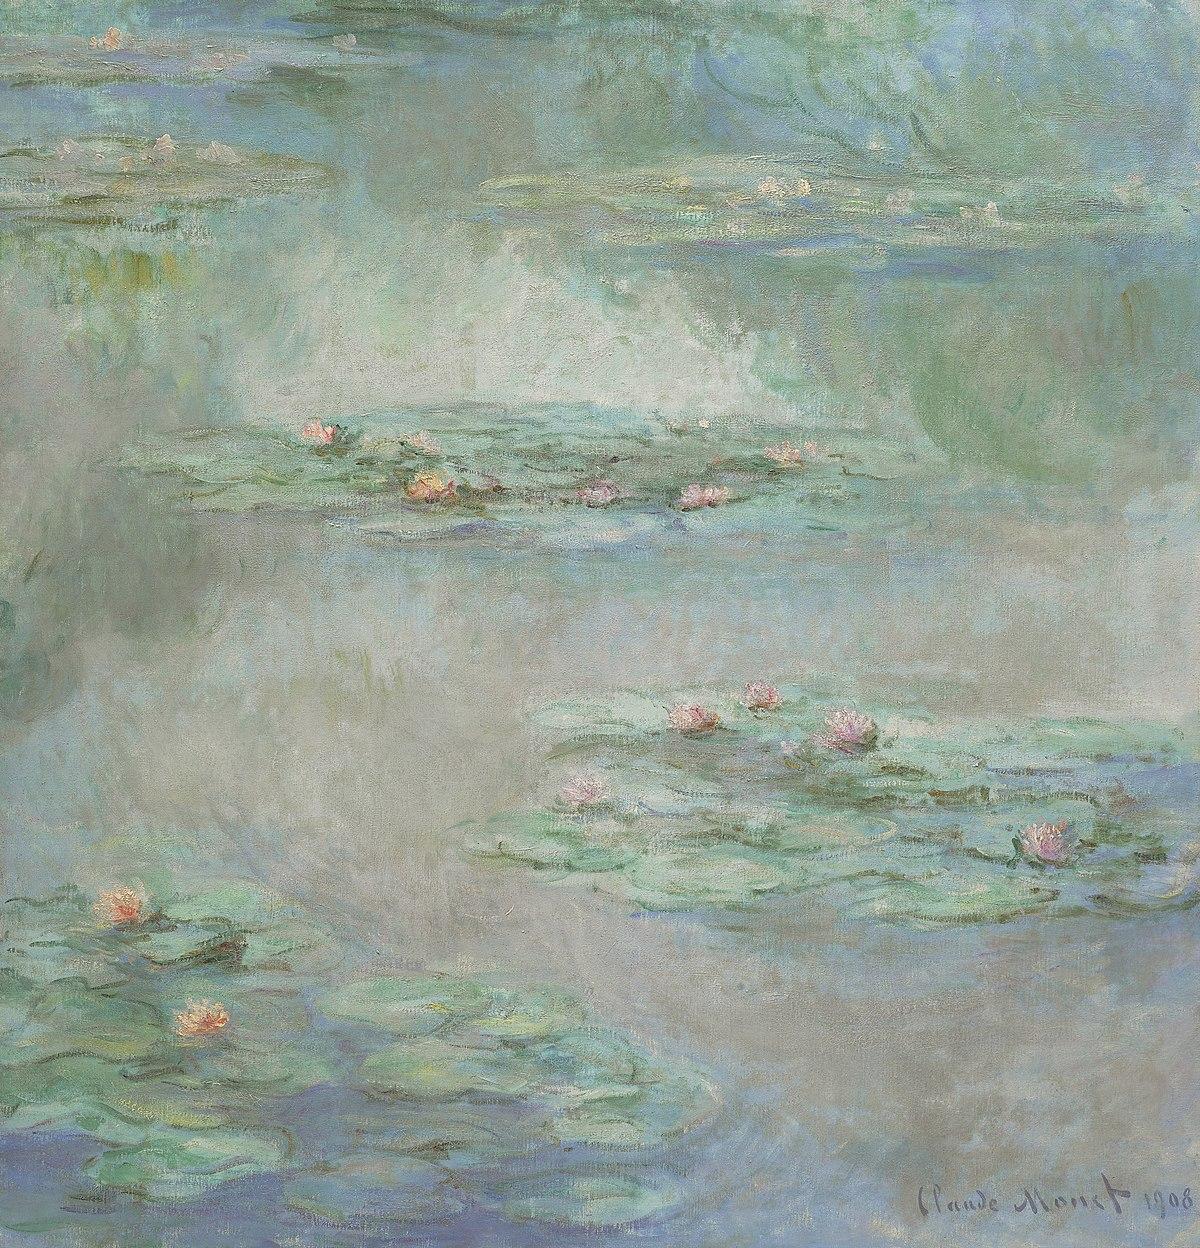 ファイル:Claude Monet - Waterlilies - Nympheas (1908).jpg - Wikipedia